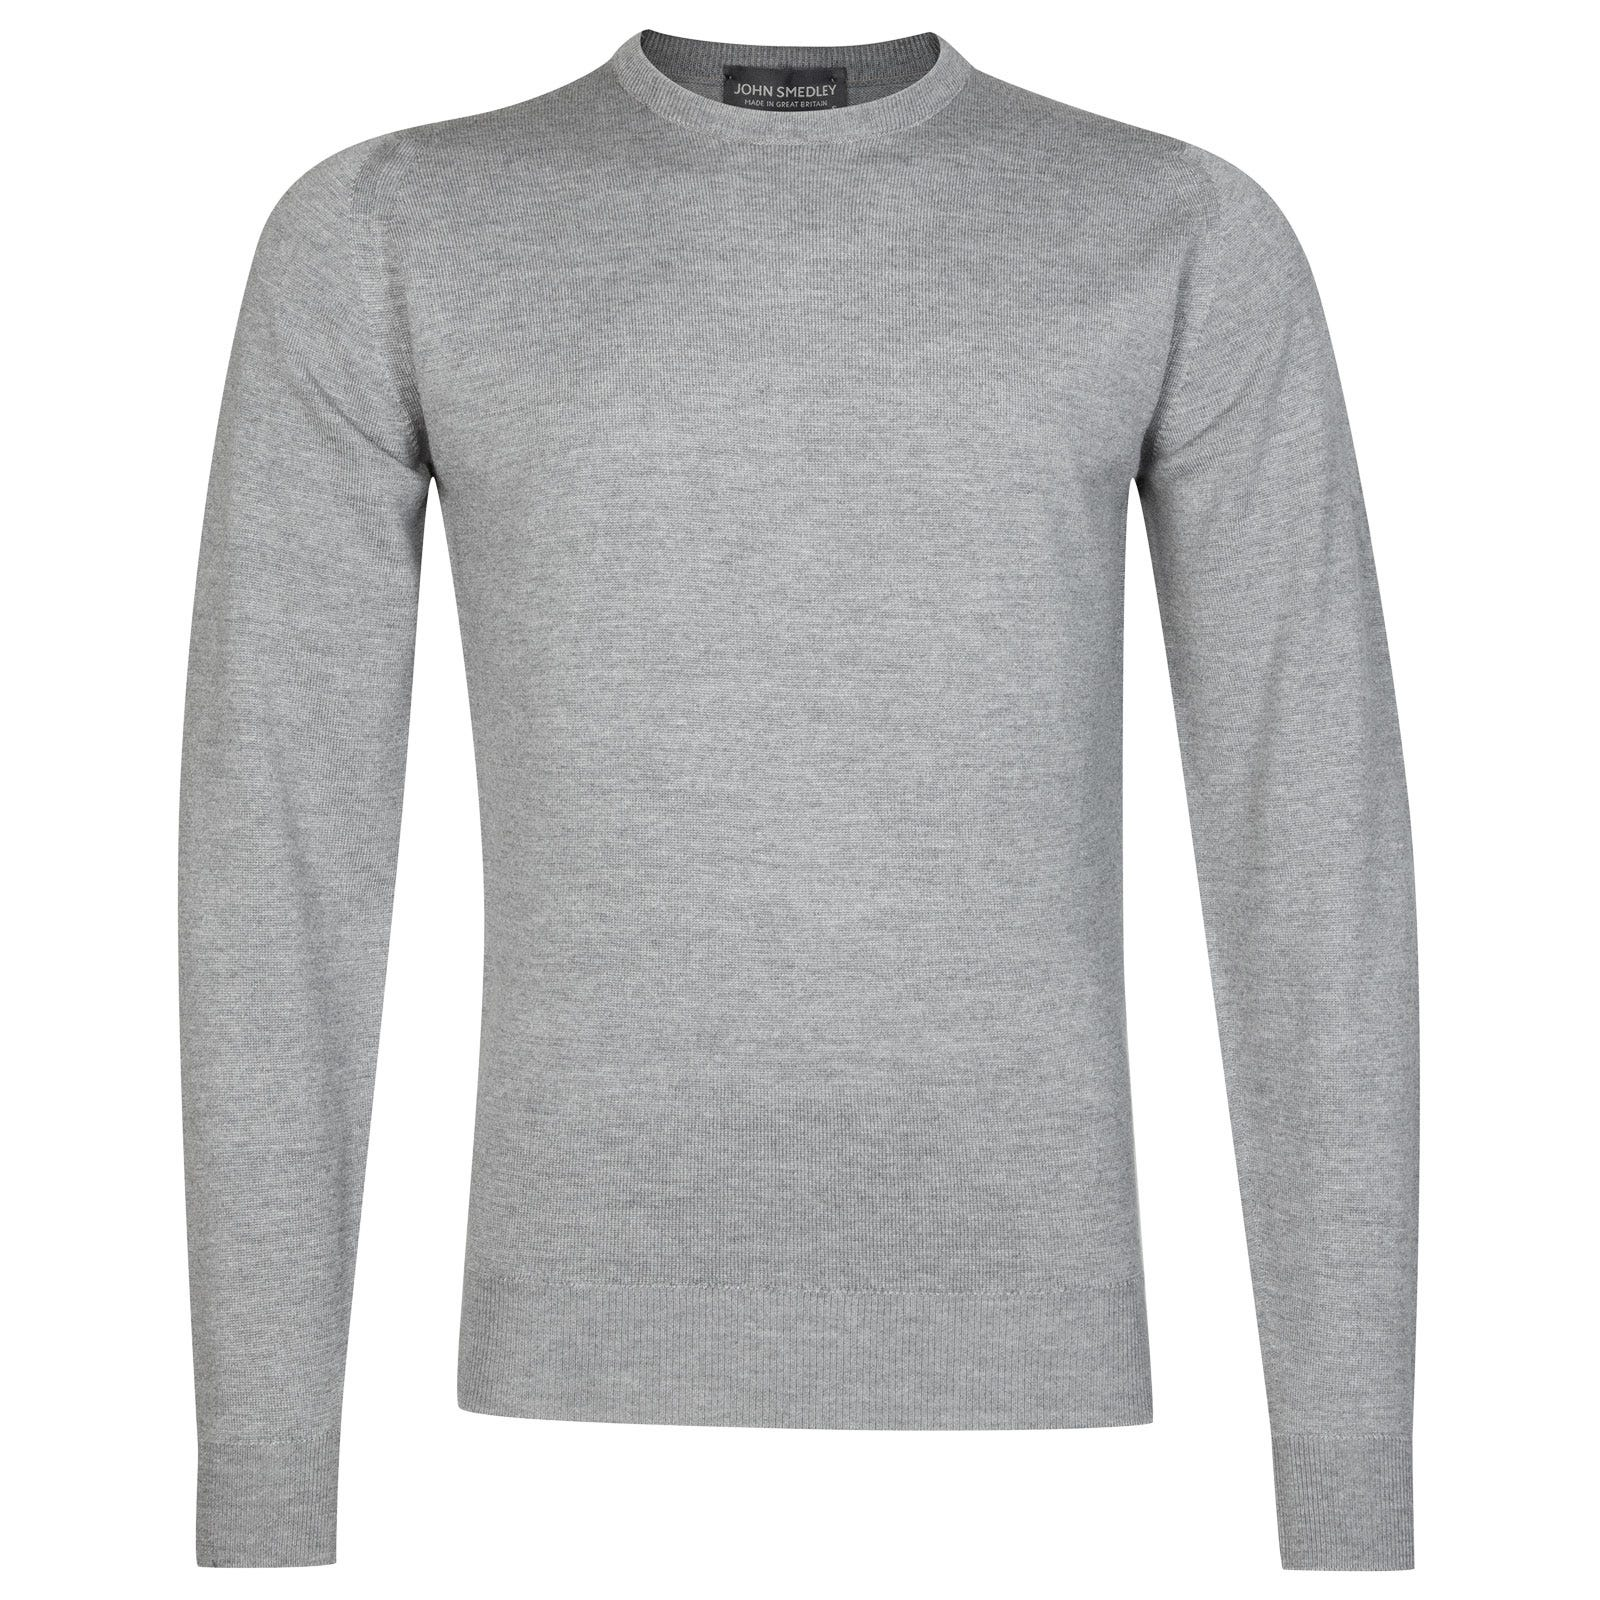 John Smedley farhill Merino Wool Pullover in Silver-XL